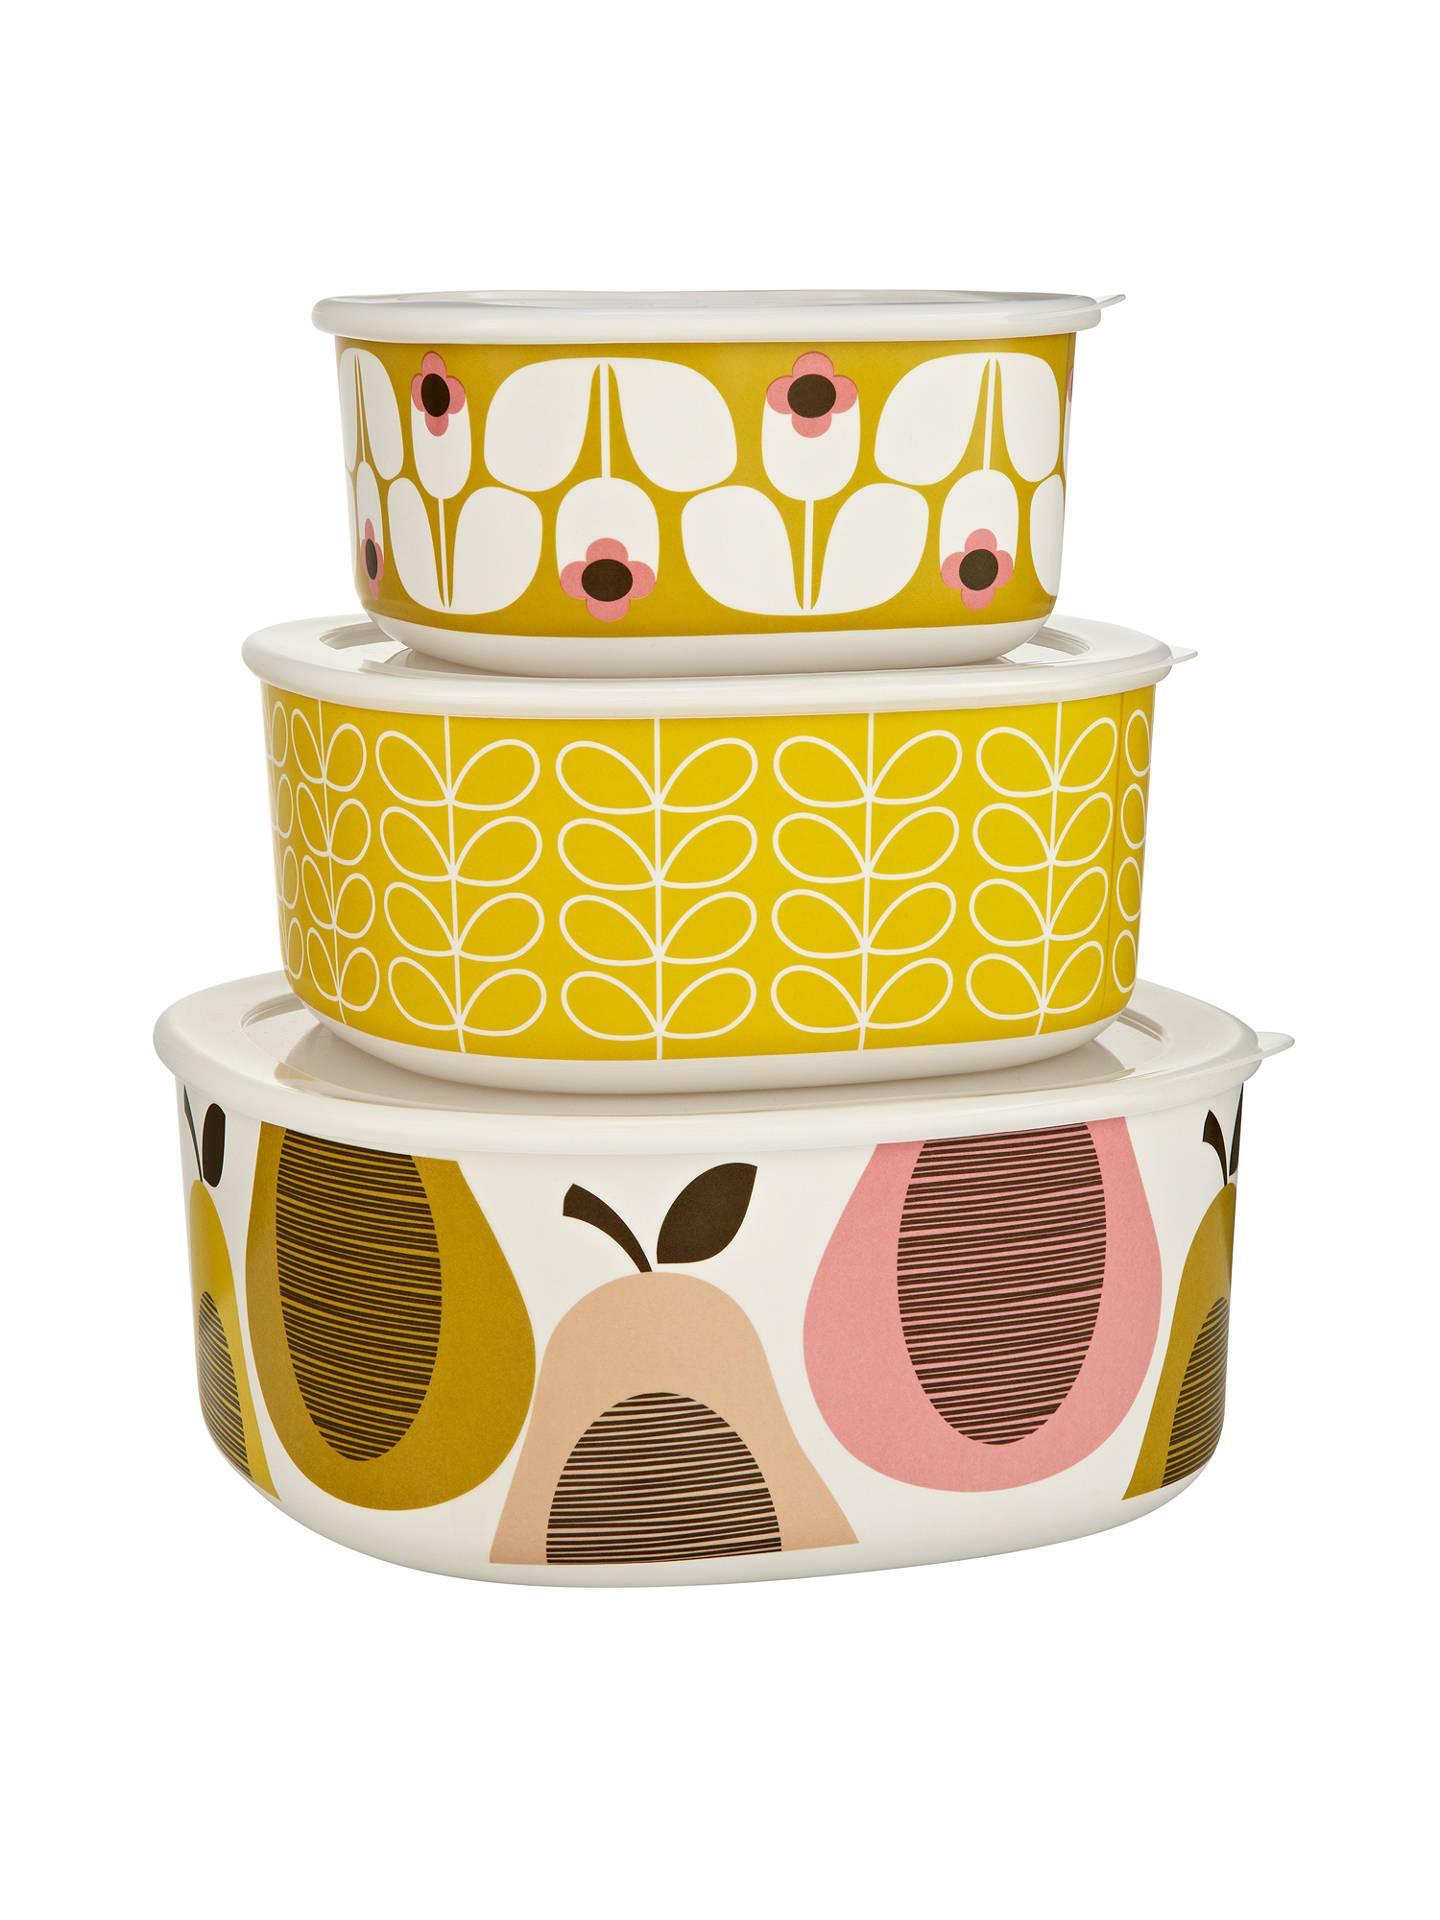 Orla Kiely Picnicware Home Decorating Ideas Interior Design